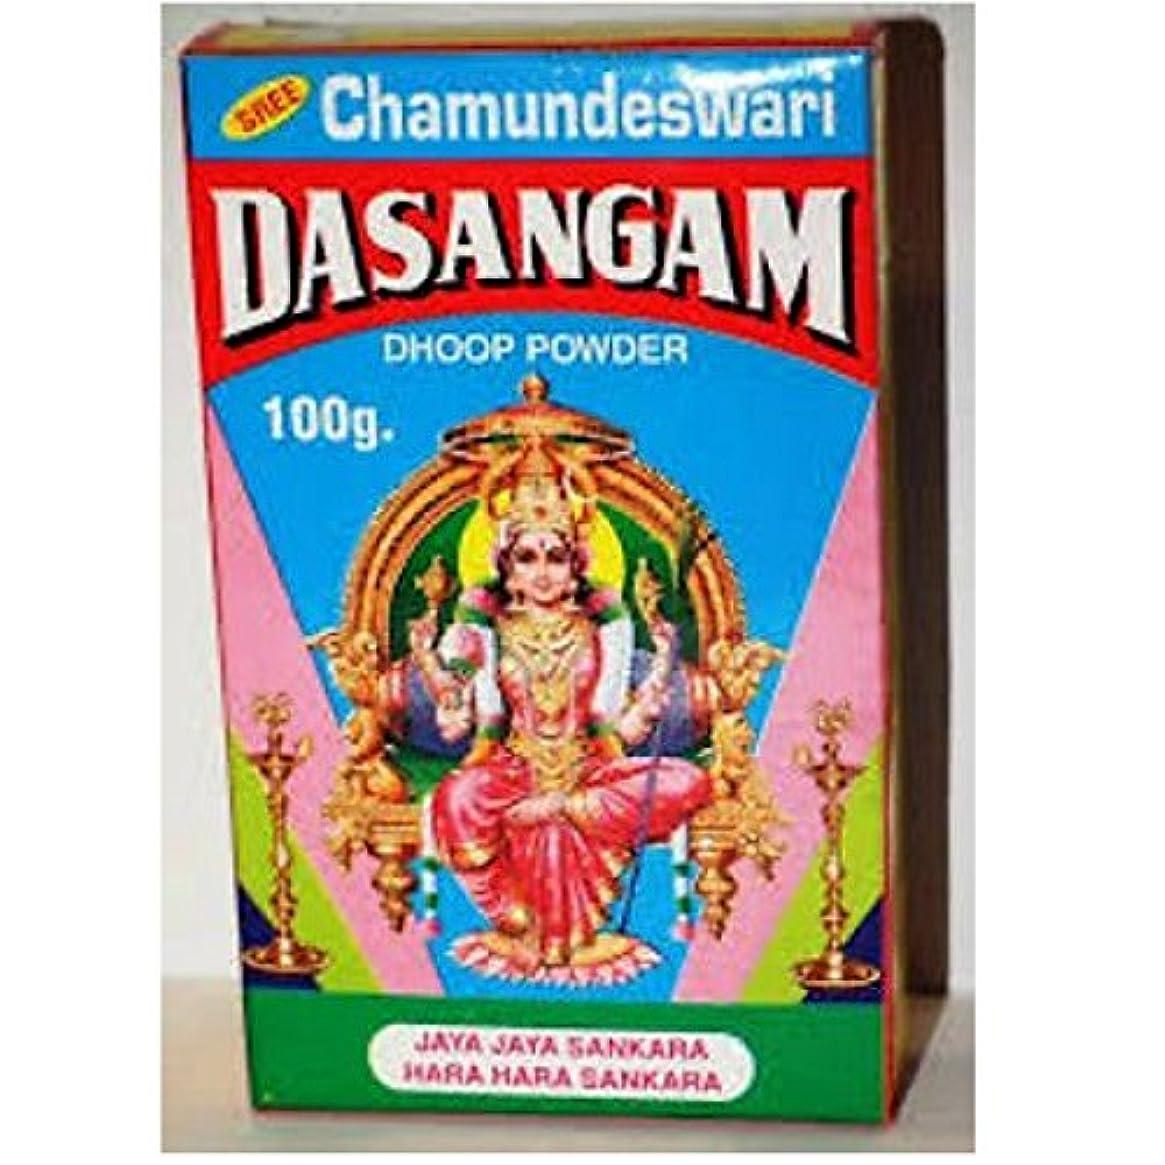 降臨購入文字dasangam Pure元Dhoopパウダーfor Hindu供養、Hawan、祭り、100 gm